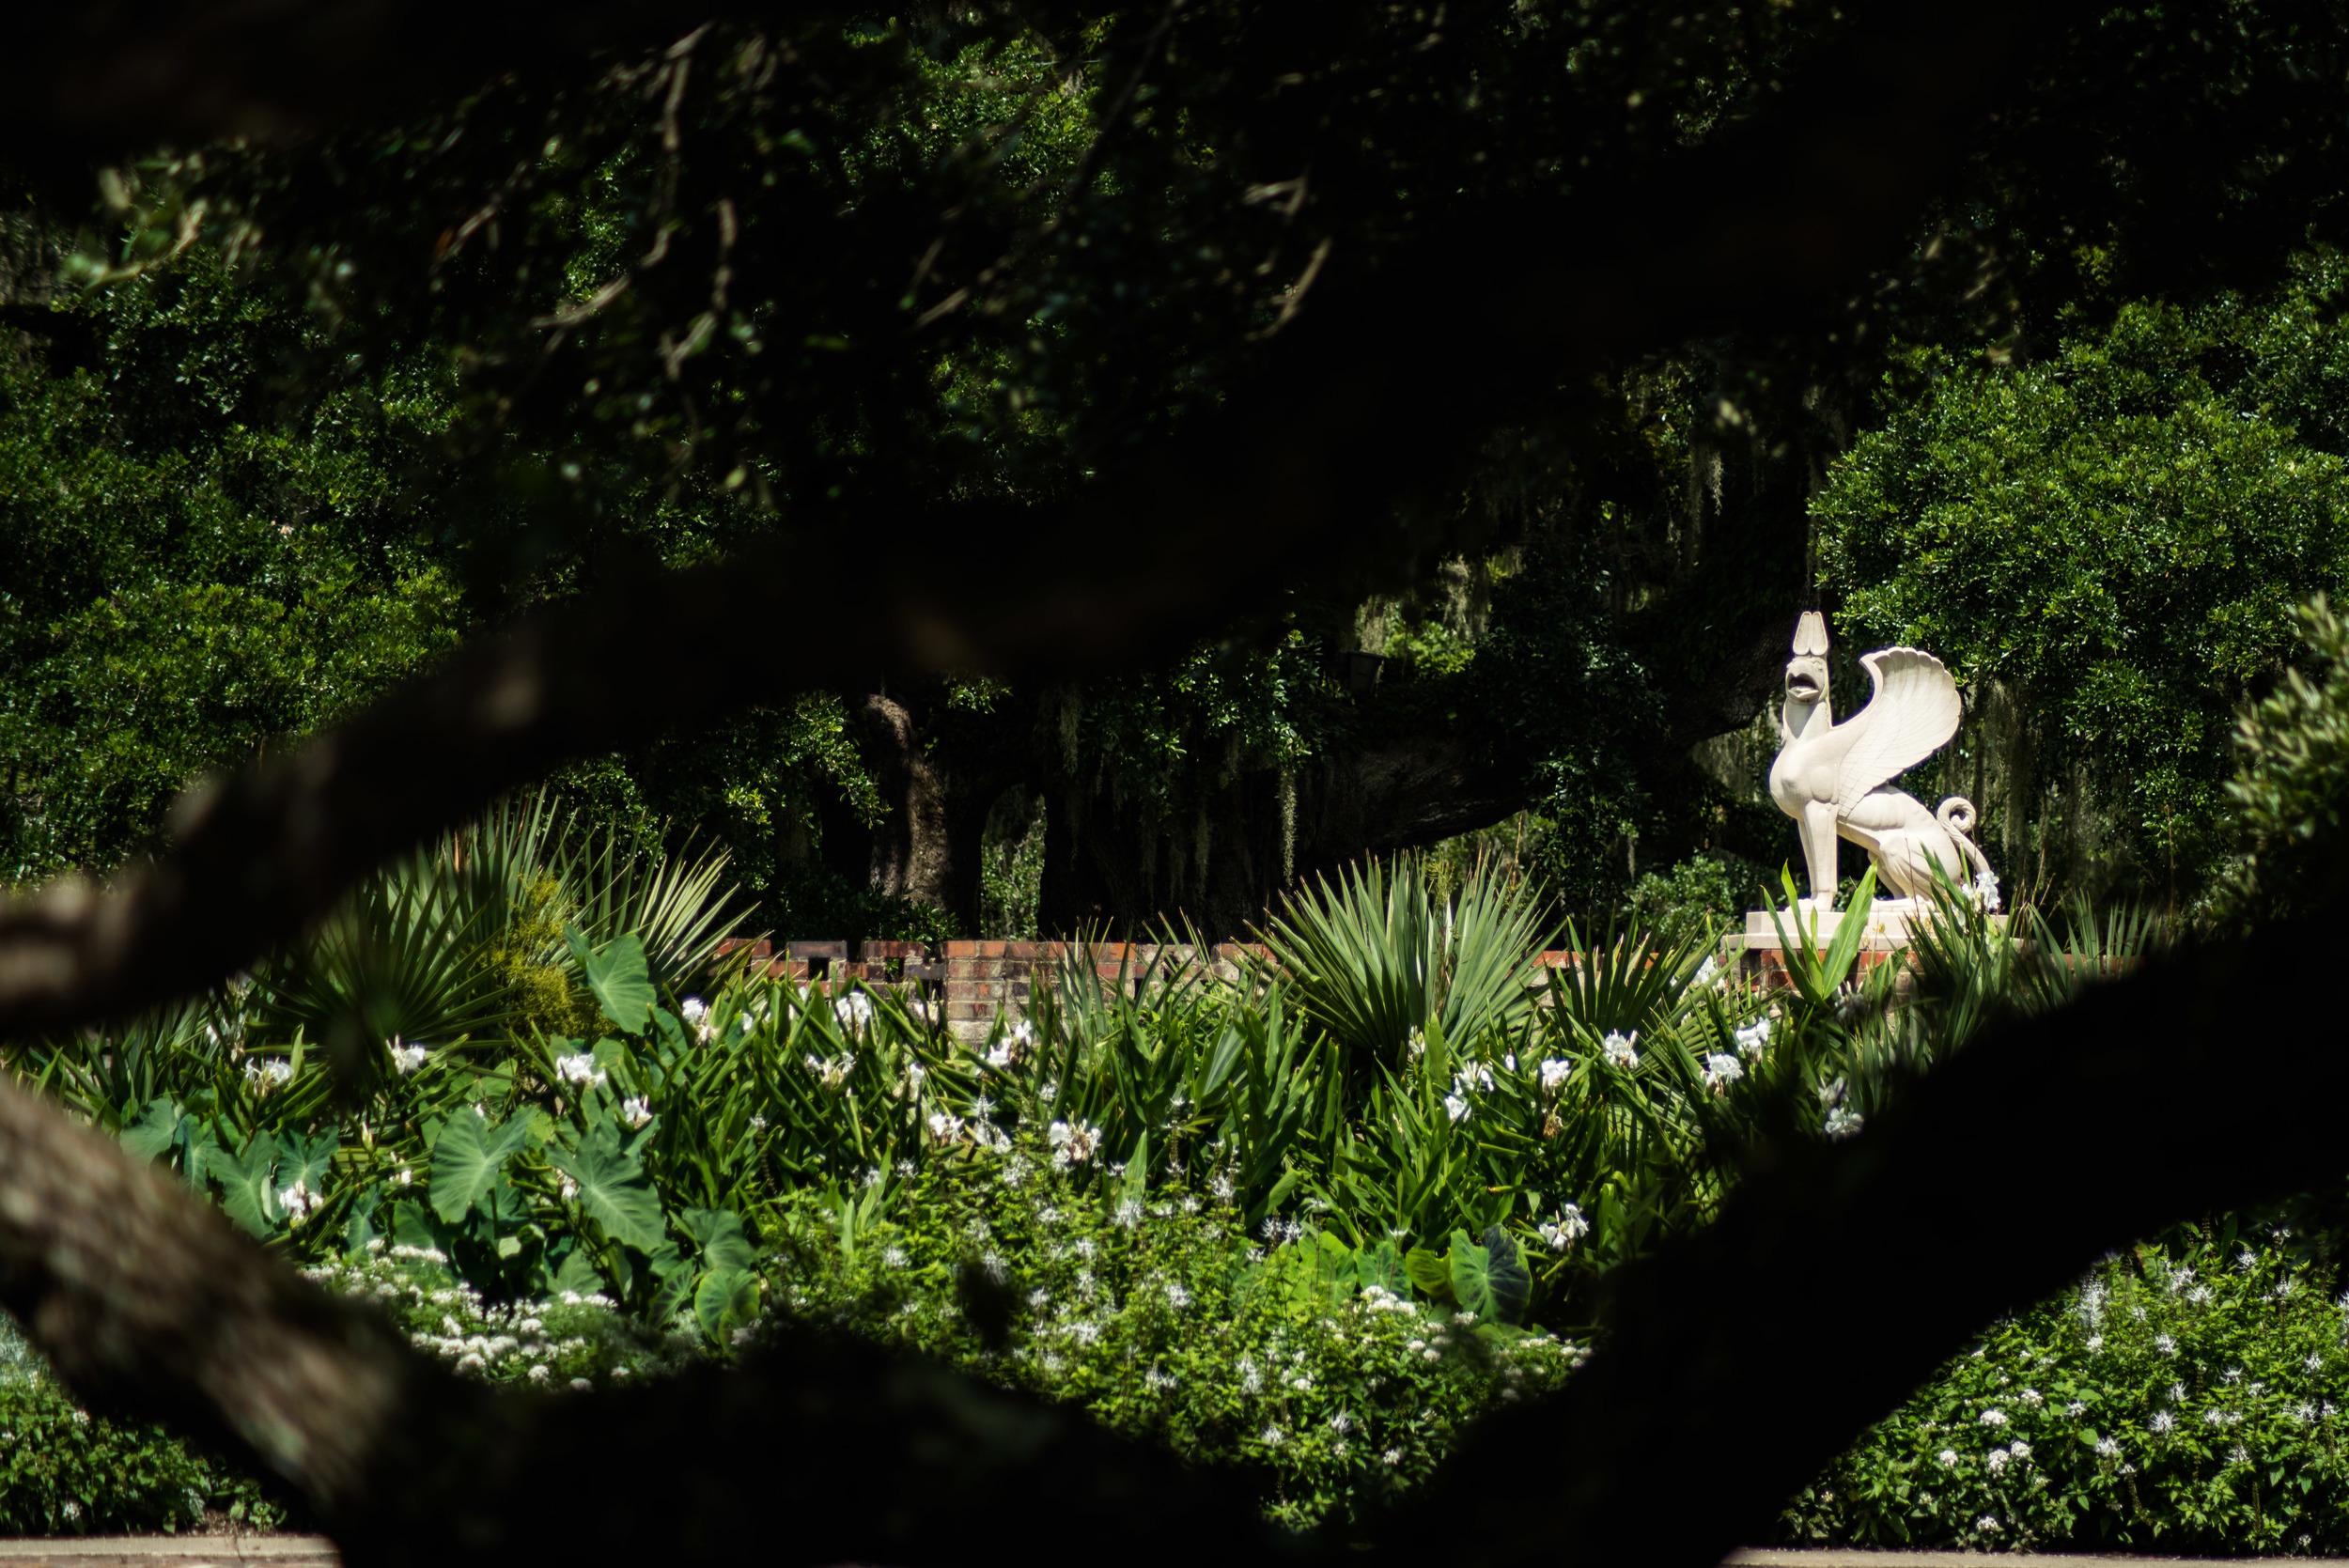 brookgreen garden myrtle beach-4.jpg